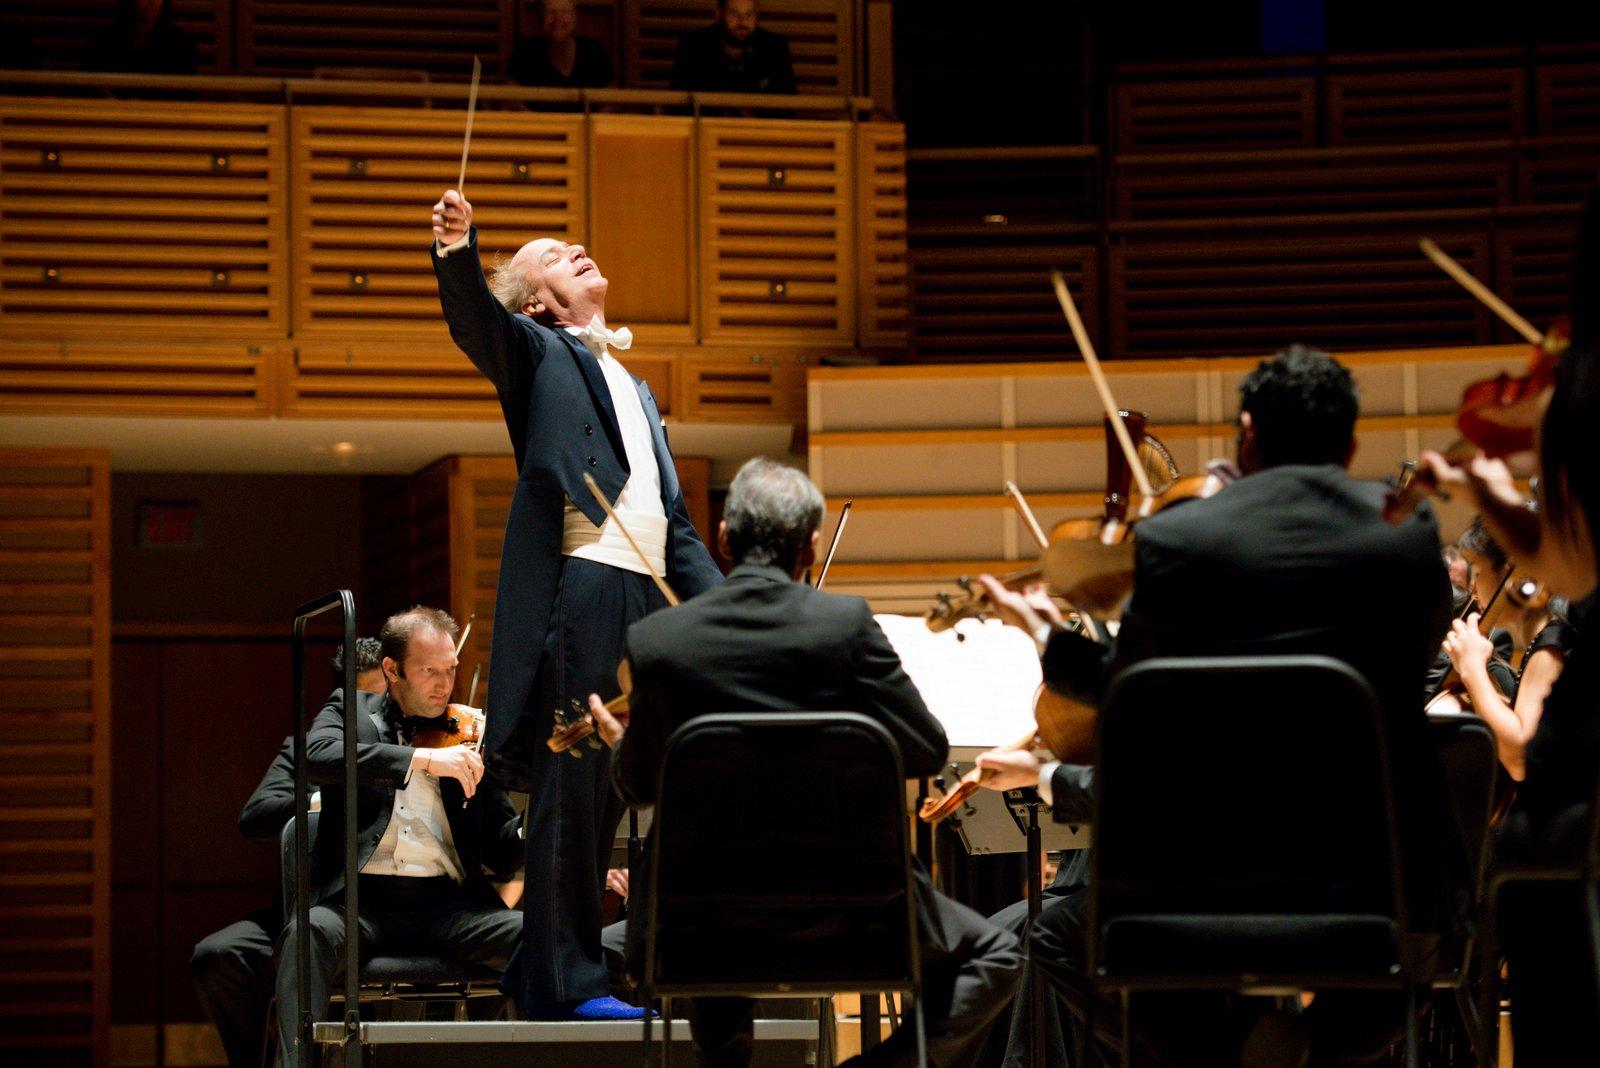 Deslumbrante Apertura de Temporada de la Orquesta Sinfónica de Miami Bajo la Batuta del Maestro Eduardo Marturet